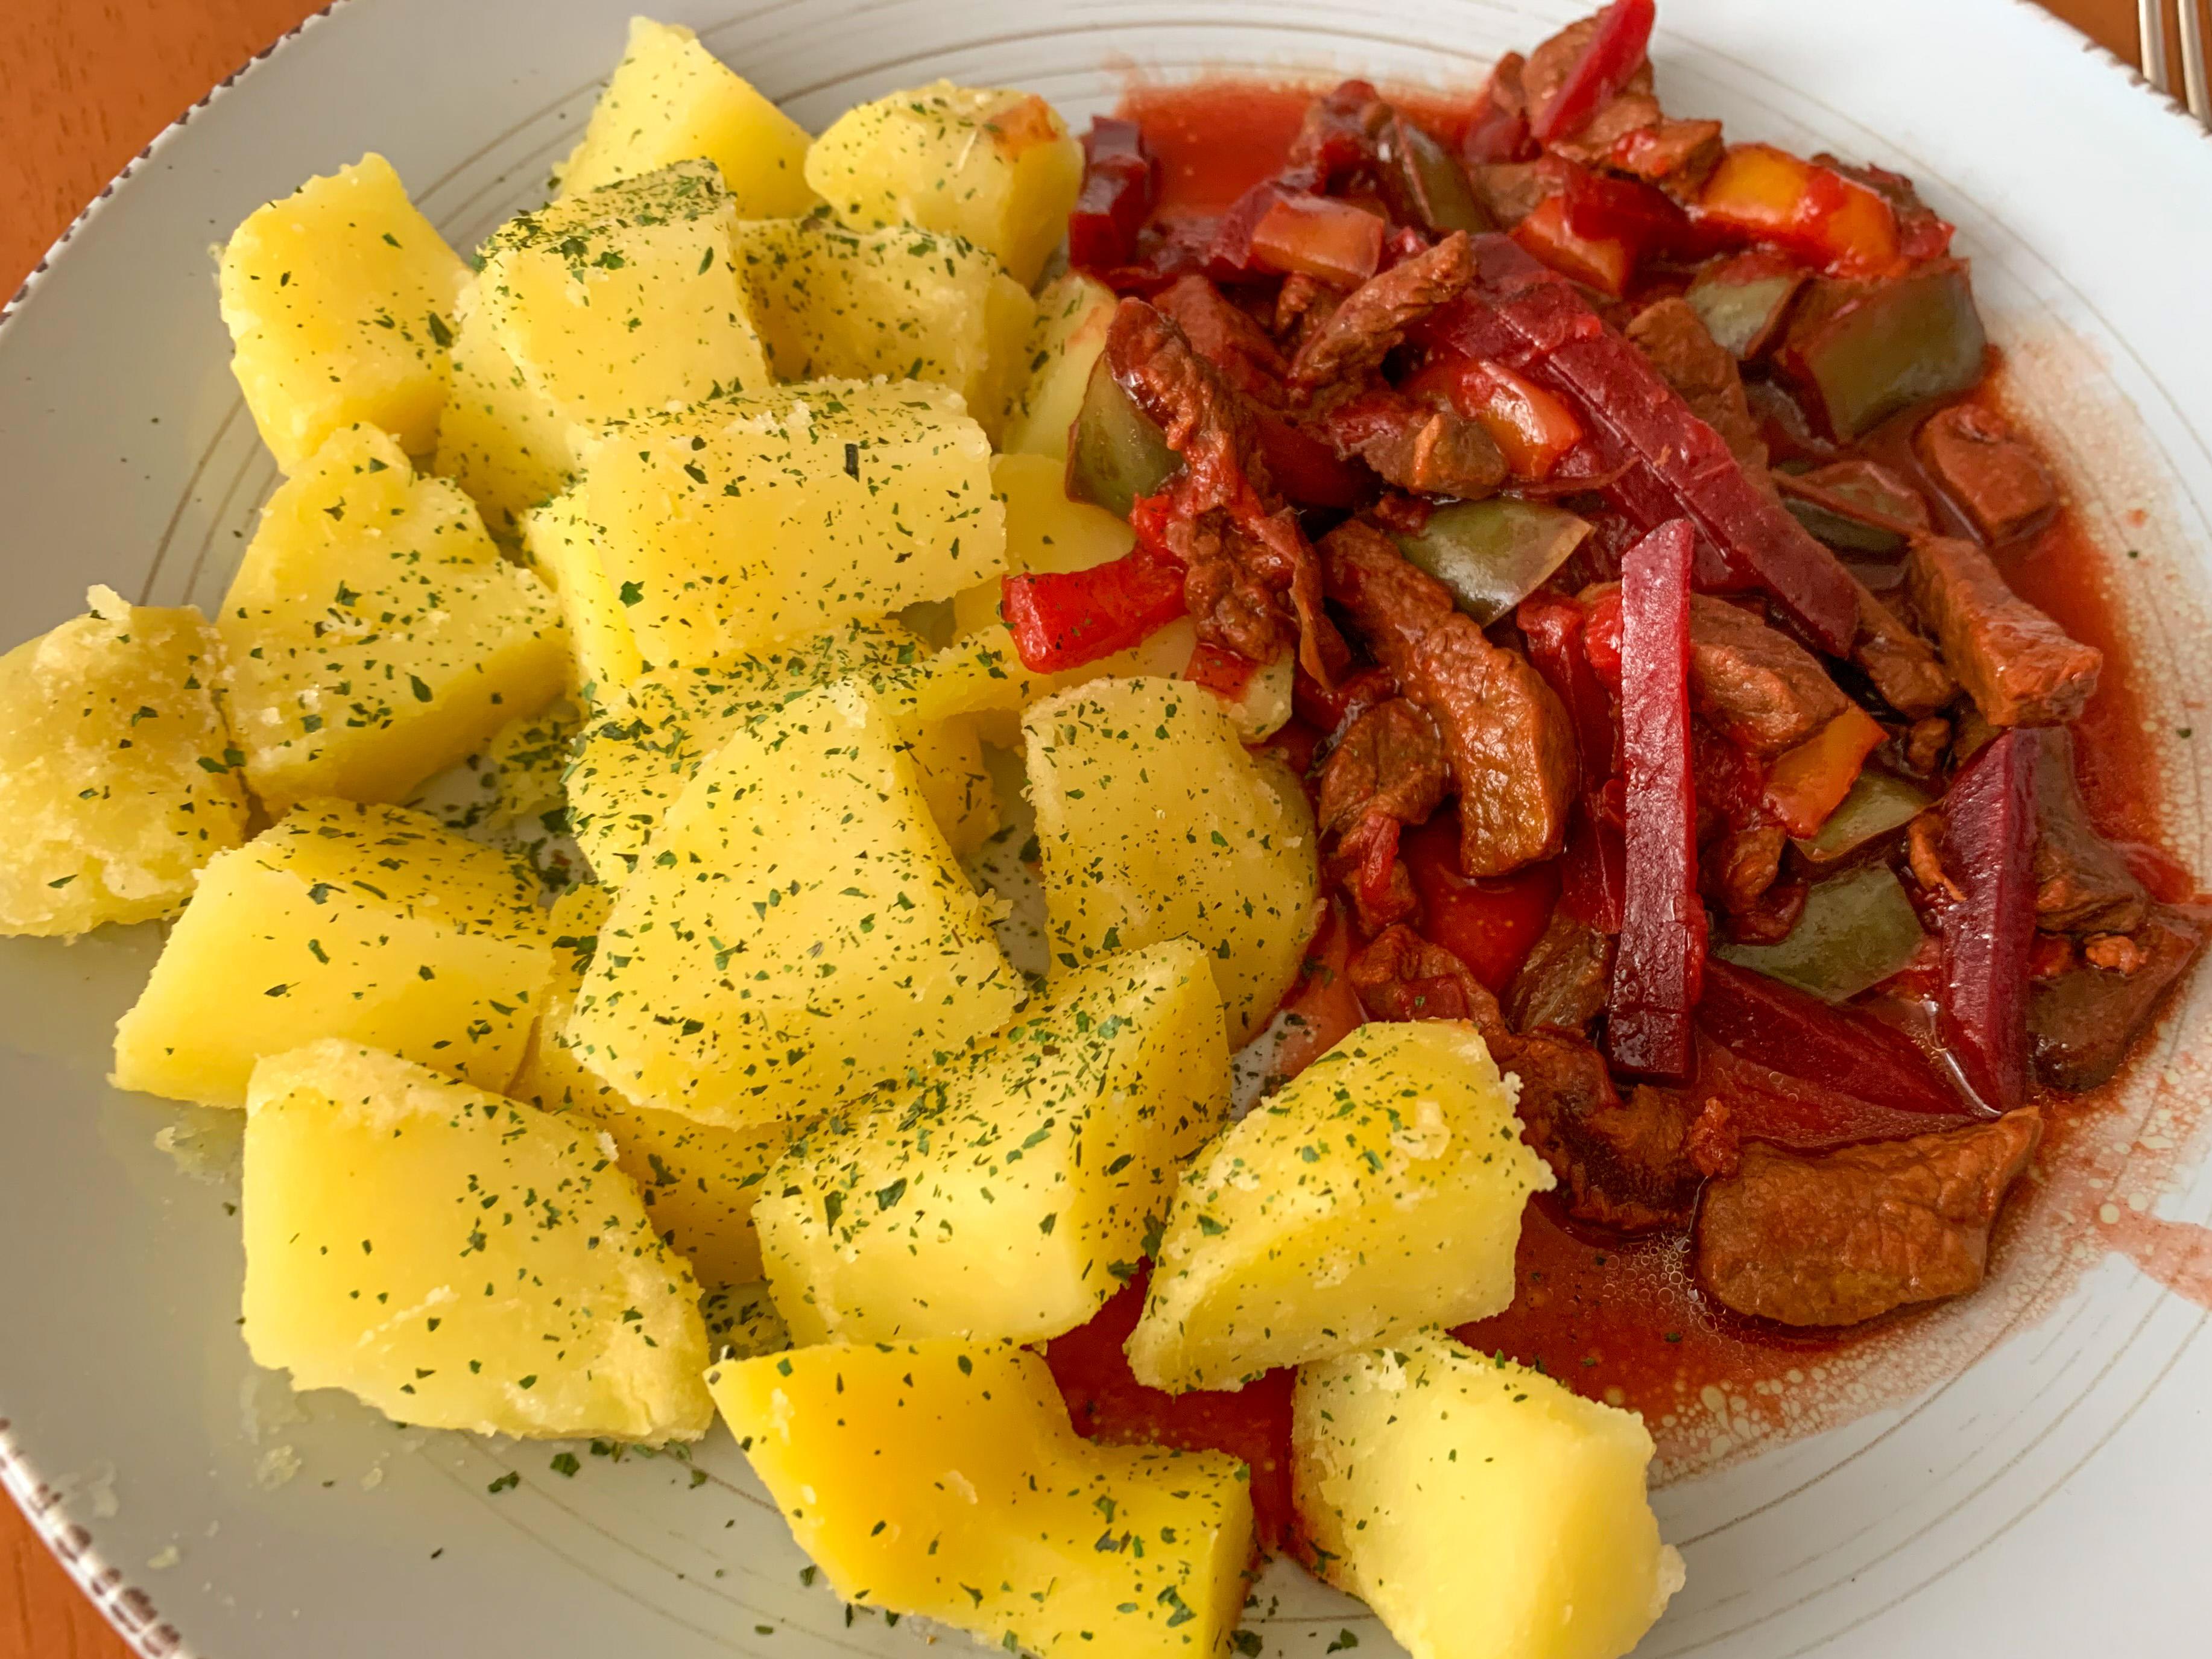 Hovězí nudličky s řepou a paprikou